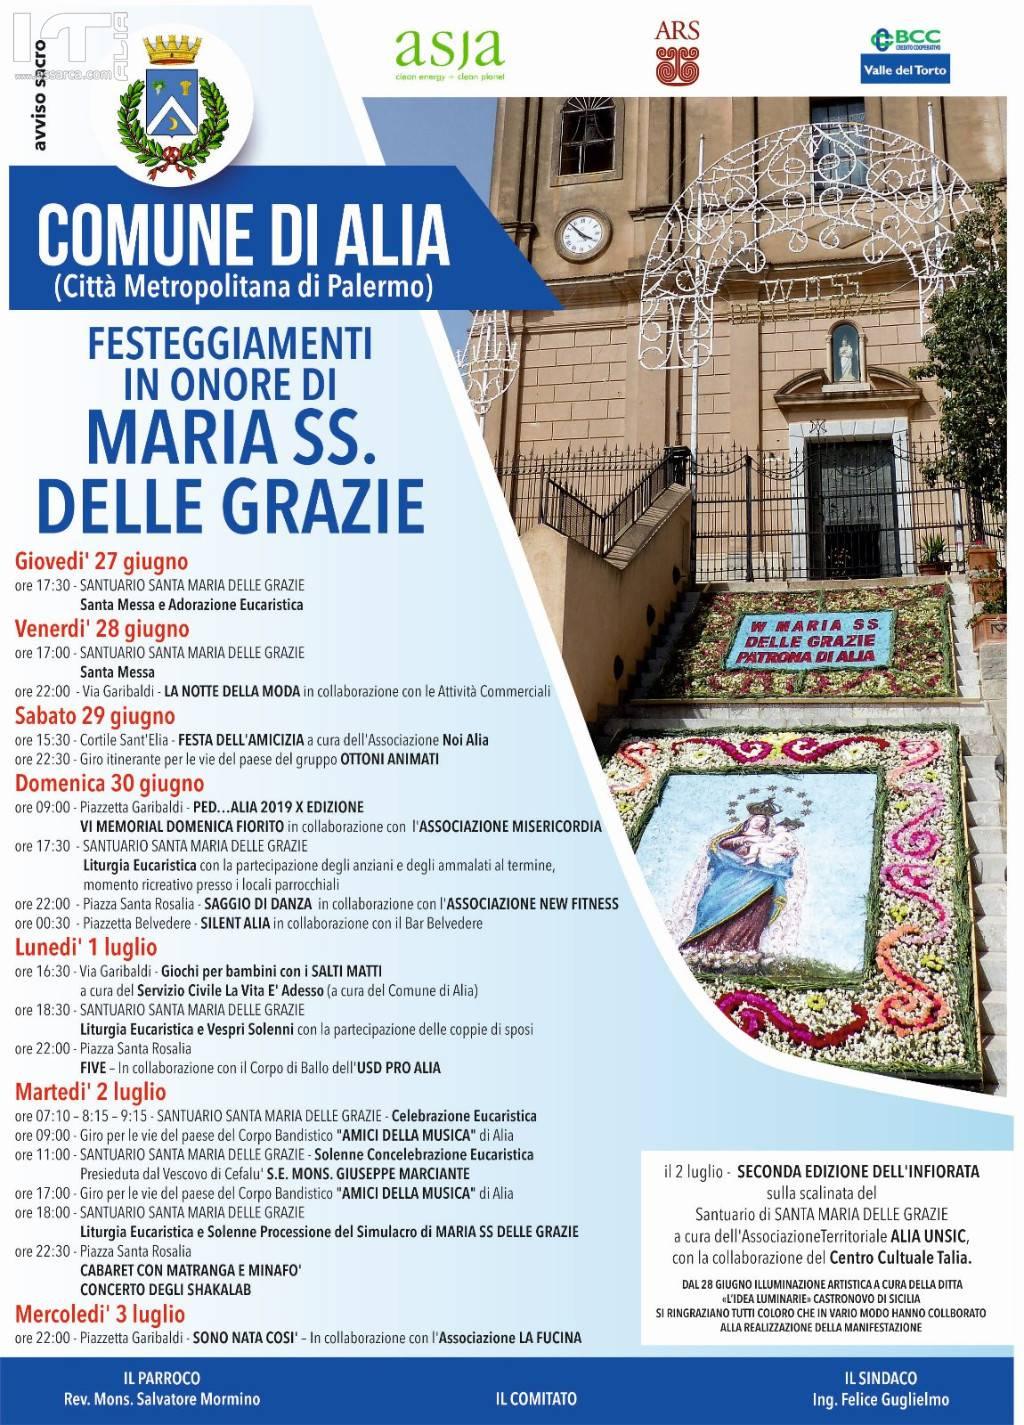 """FESTEGGIAMENTI IN ONORE DI """"MARIA SS. DELLE GRAZIE"""" PATRONA DI ALIA. 27 GIUGNO - 3 LUGLIO 2019."""